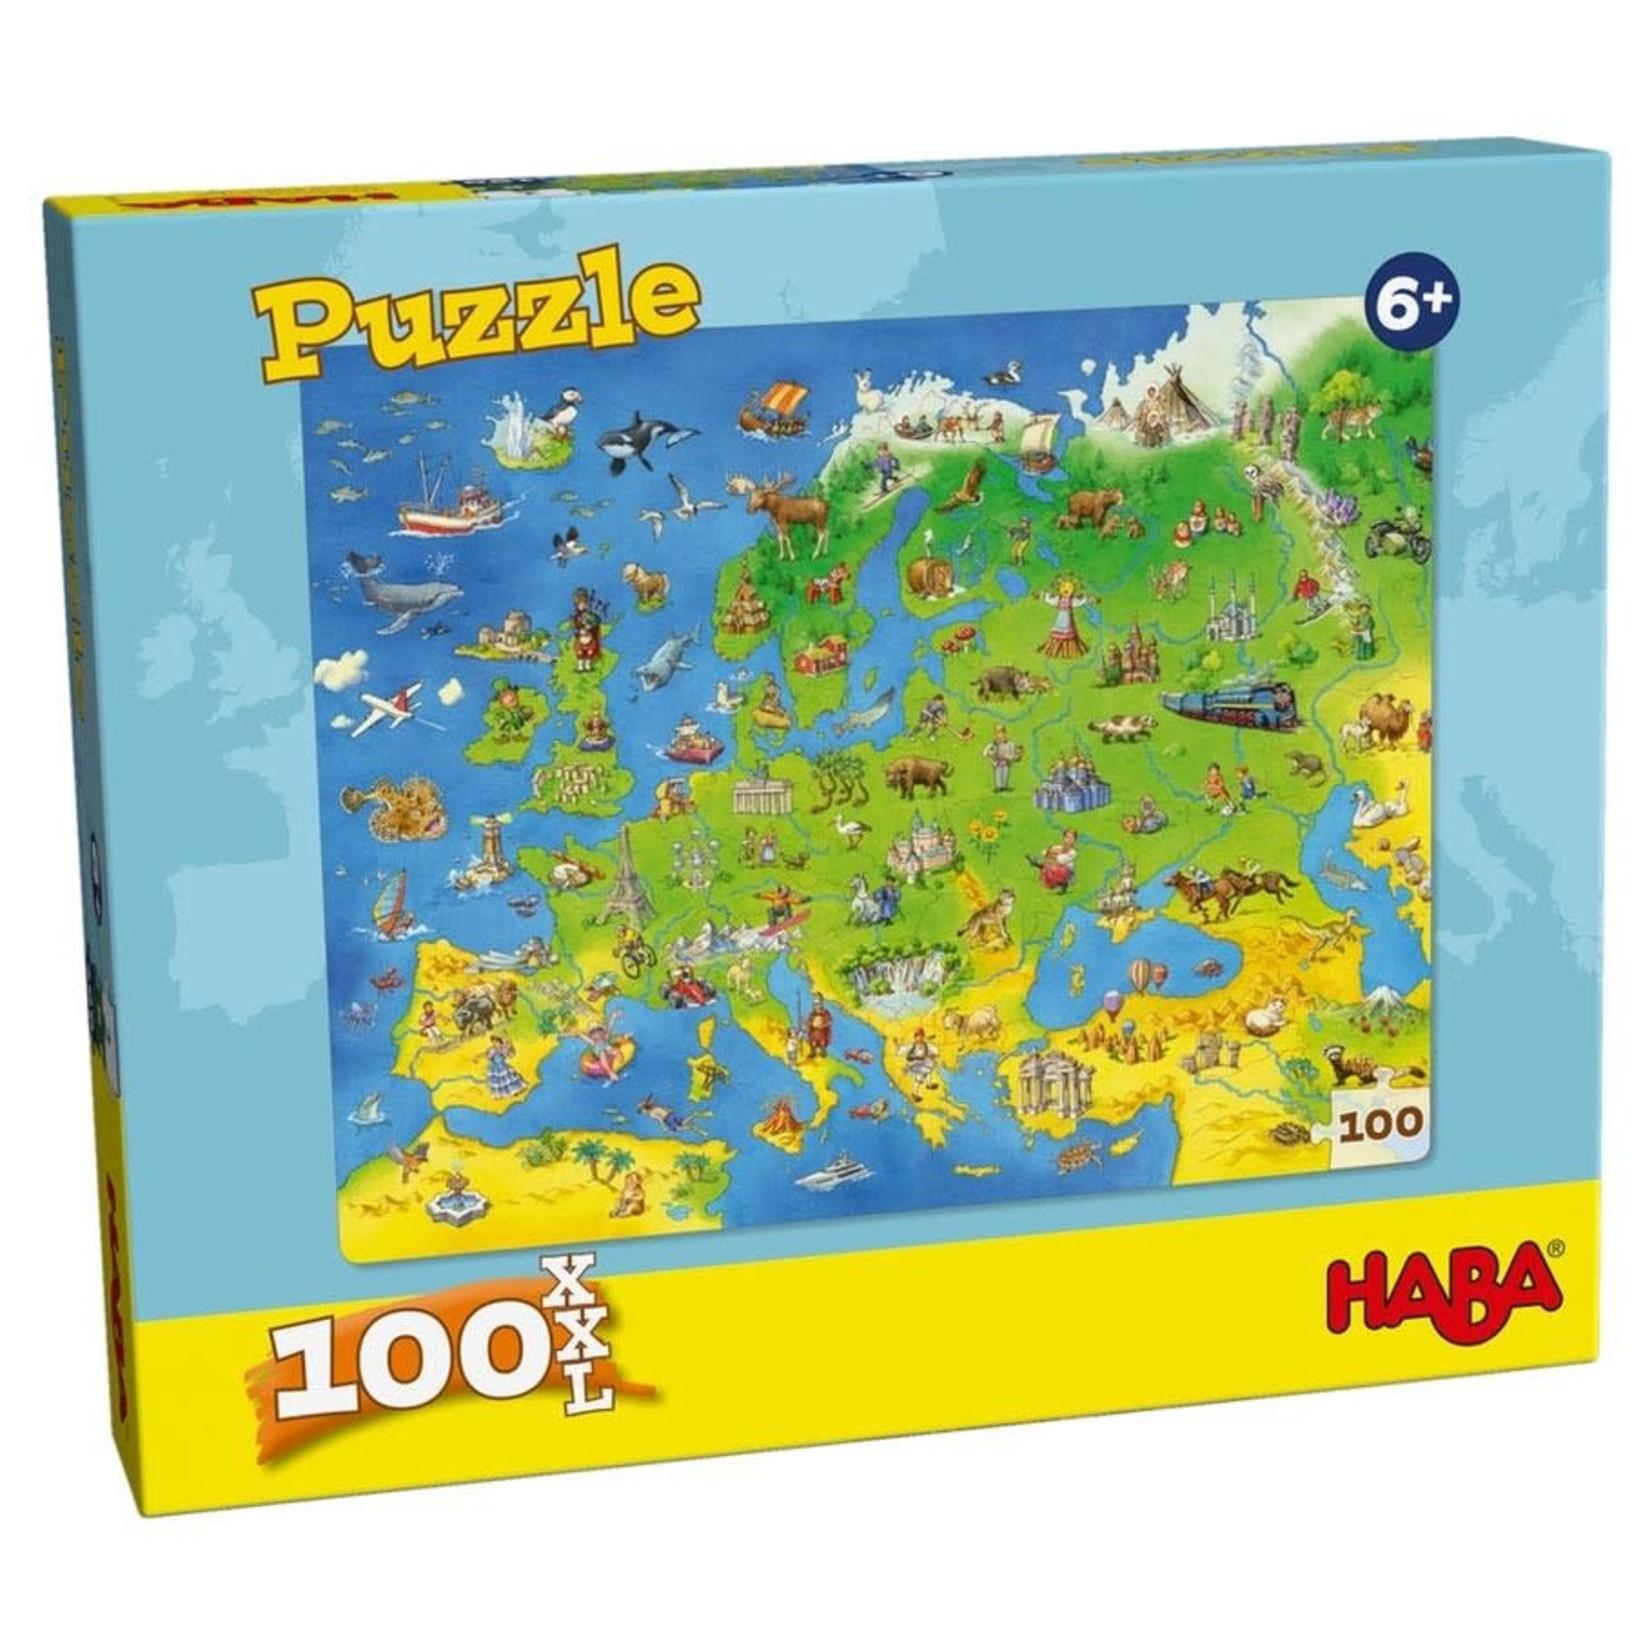 Haba Puzzle: Europe Map